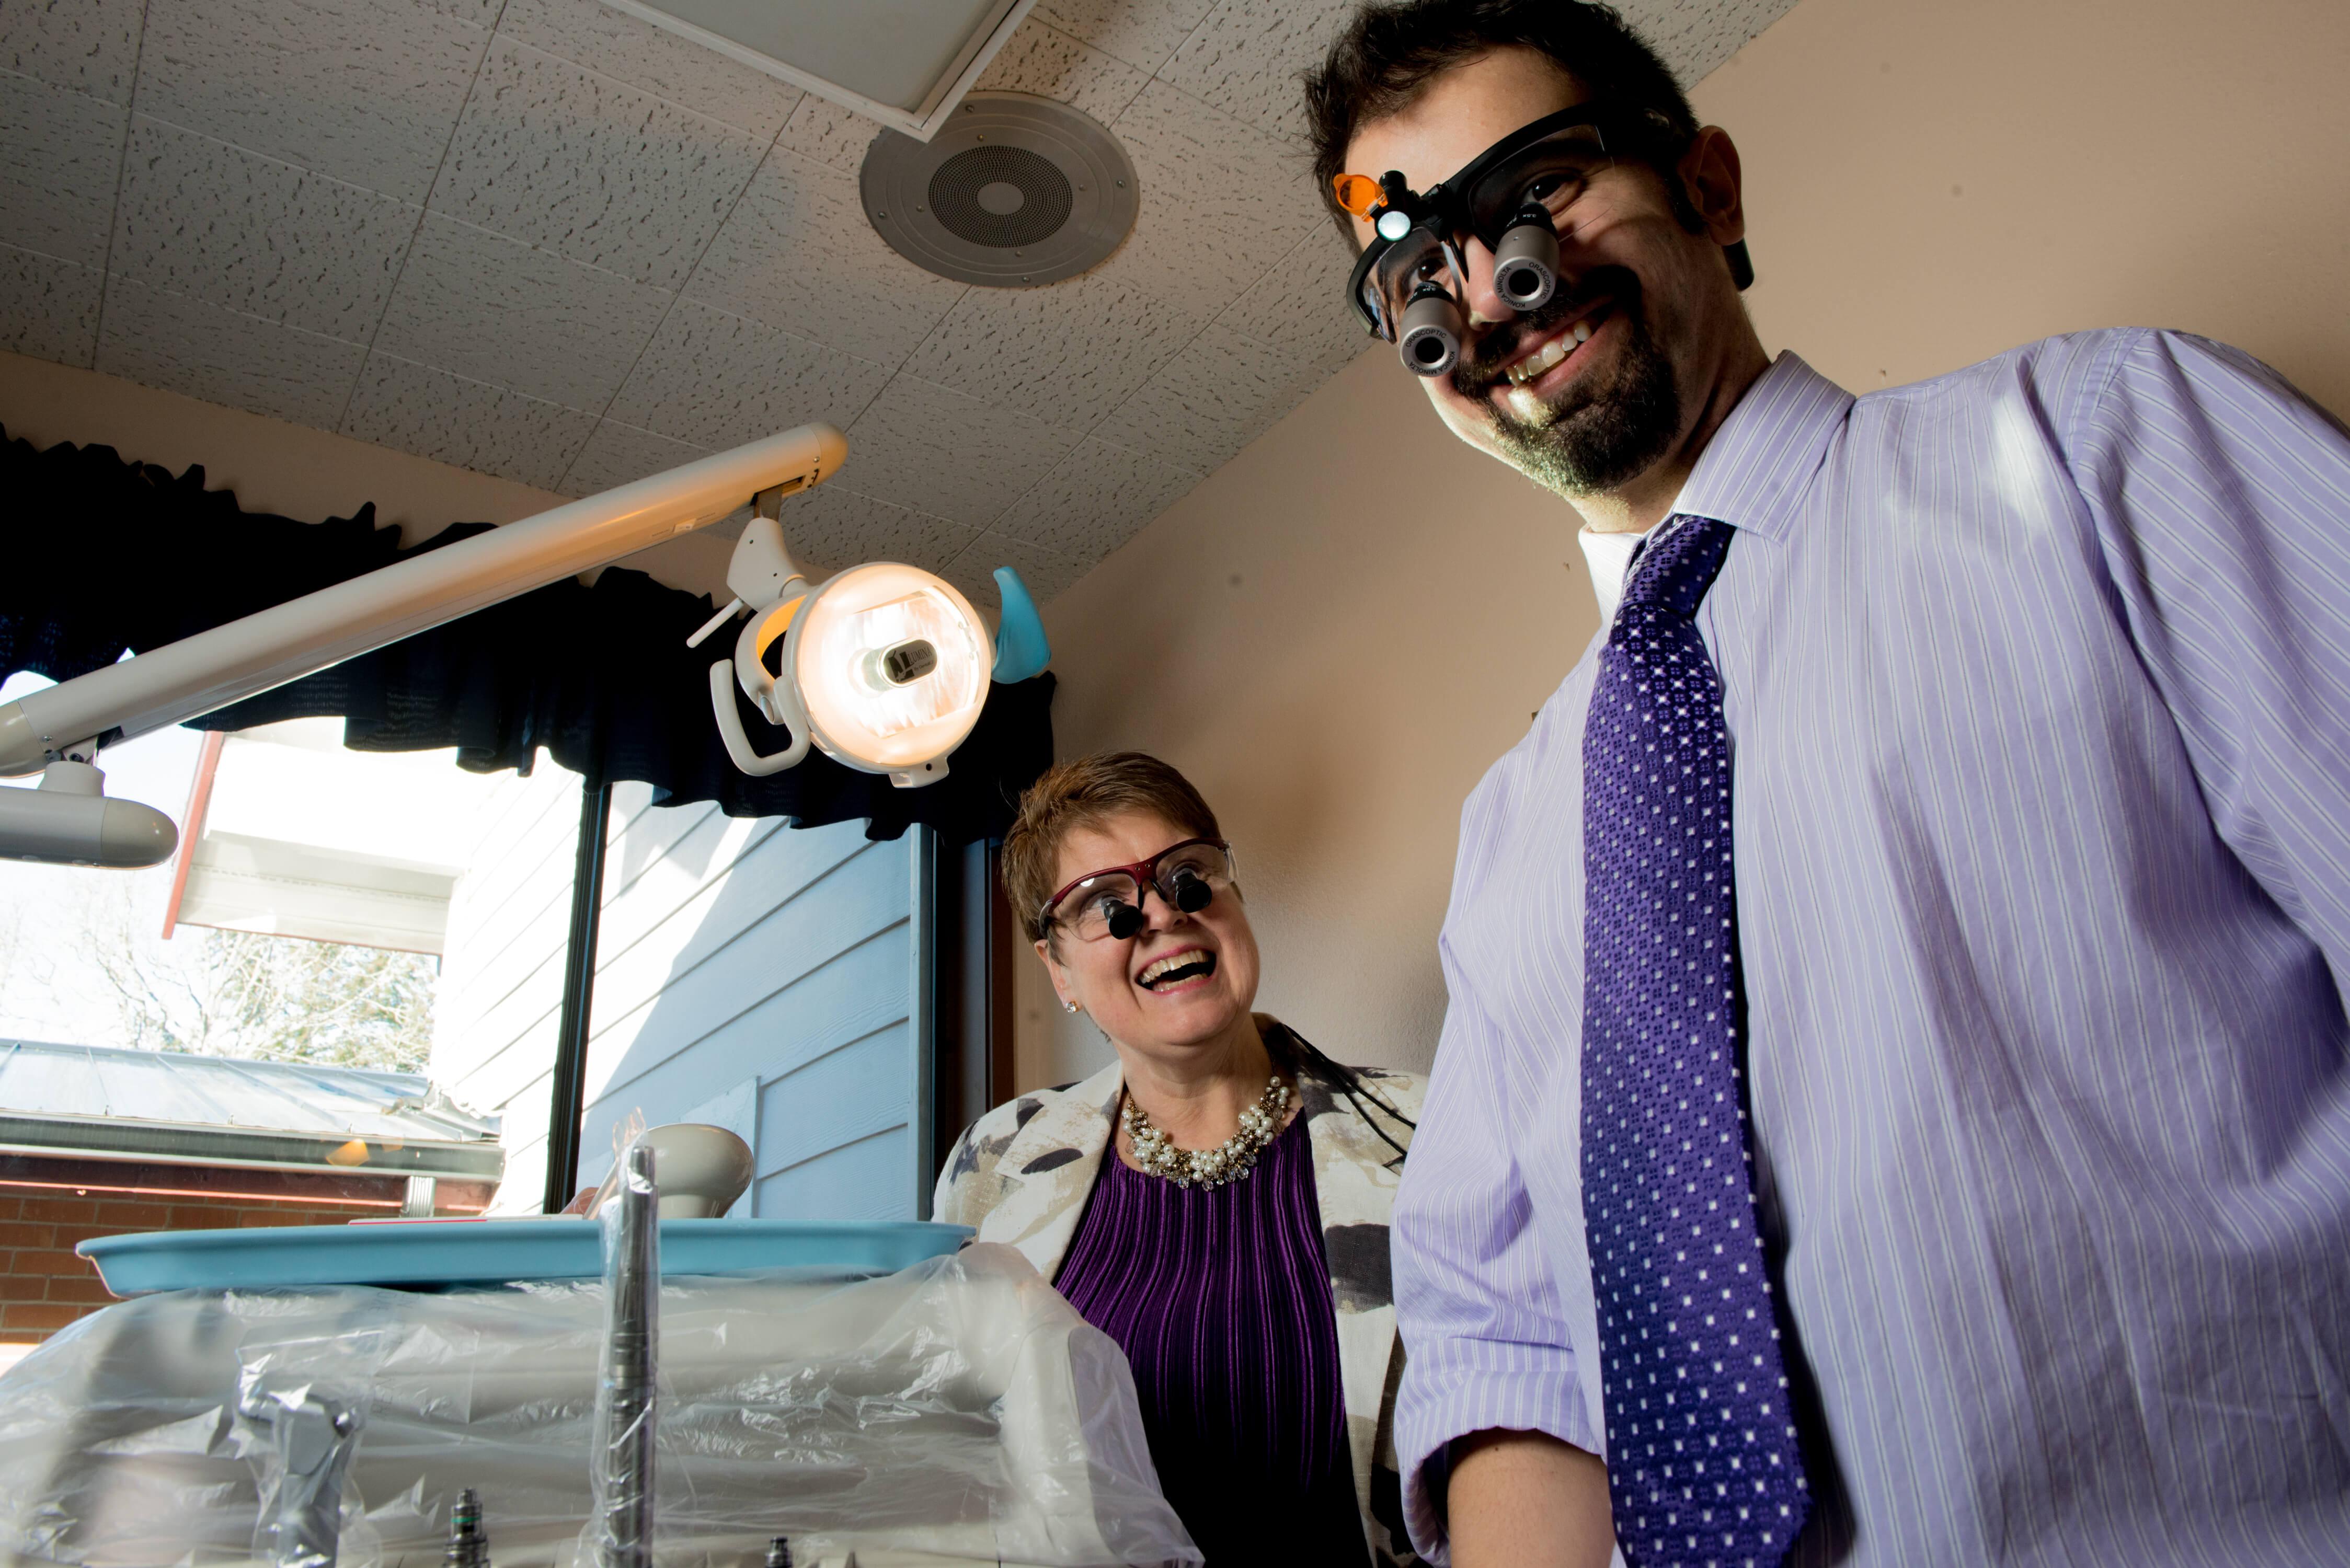 Rothbauer Dental